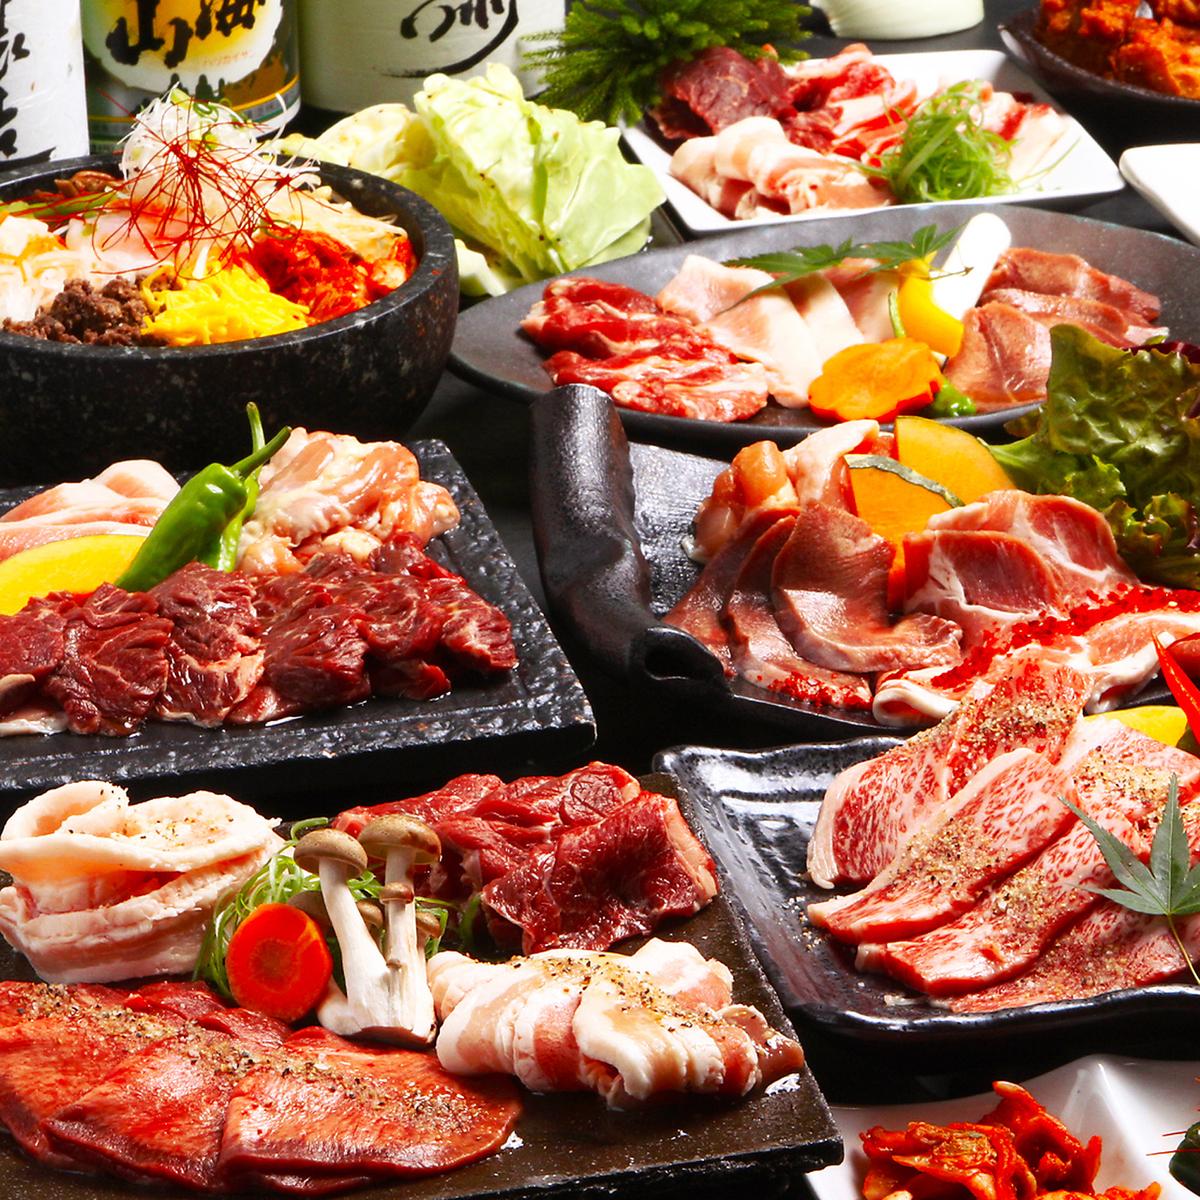 自助牛肉和日本牛肉